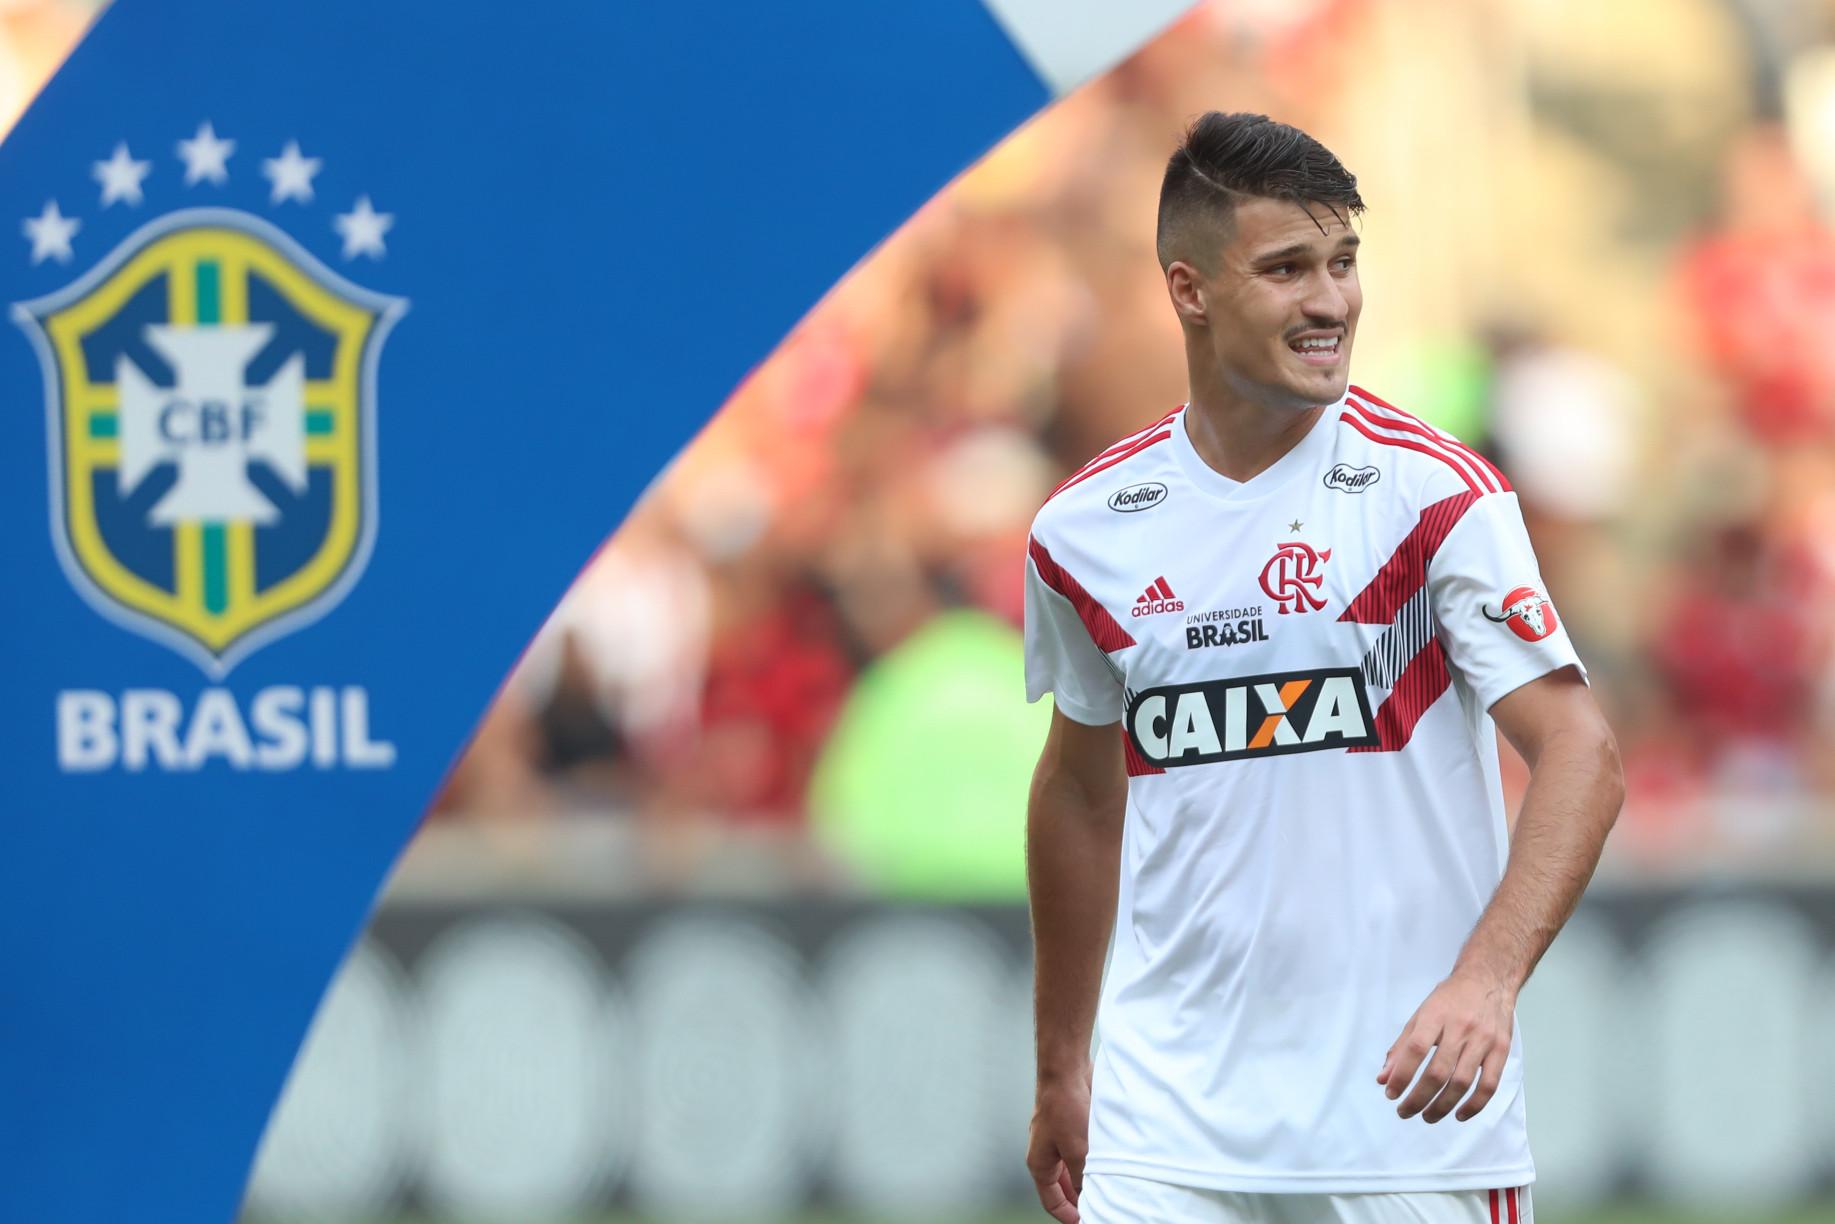 Veja imagens da nova camisa pré-jogo do Flamengo f4d4e5fdf4400